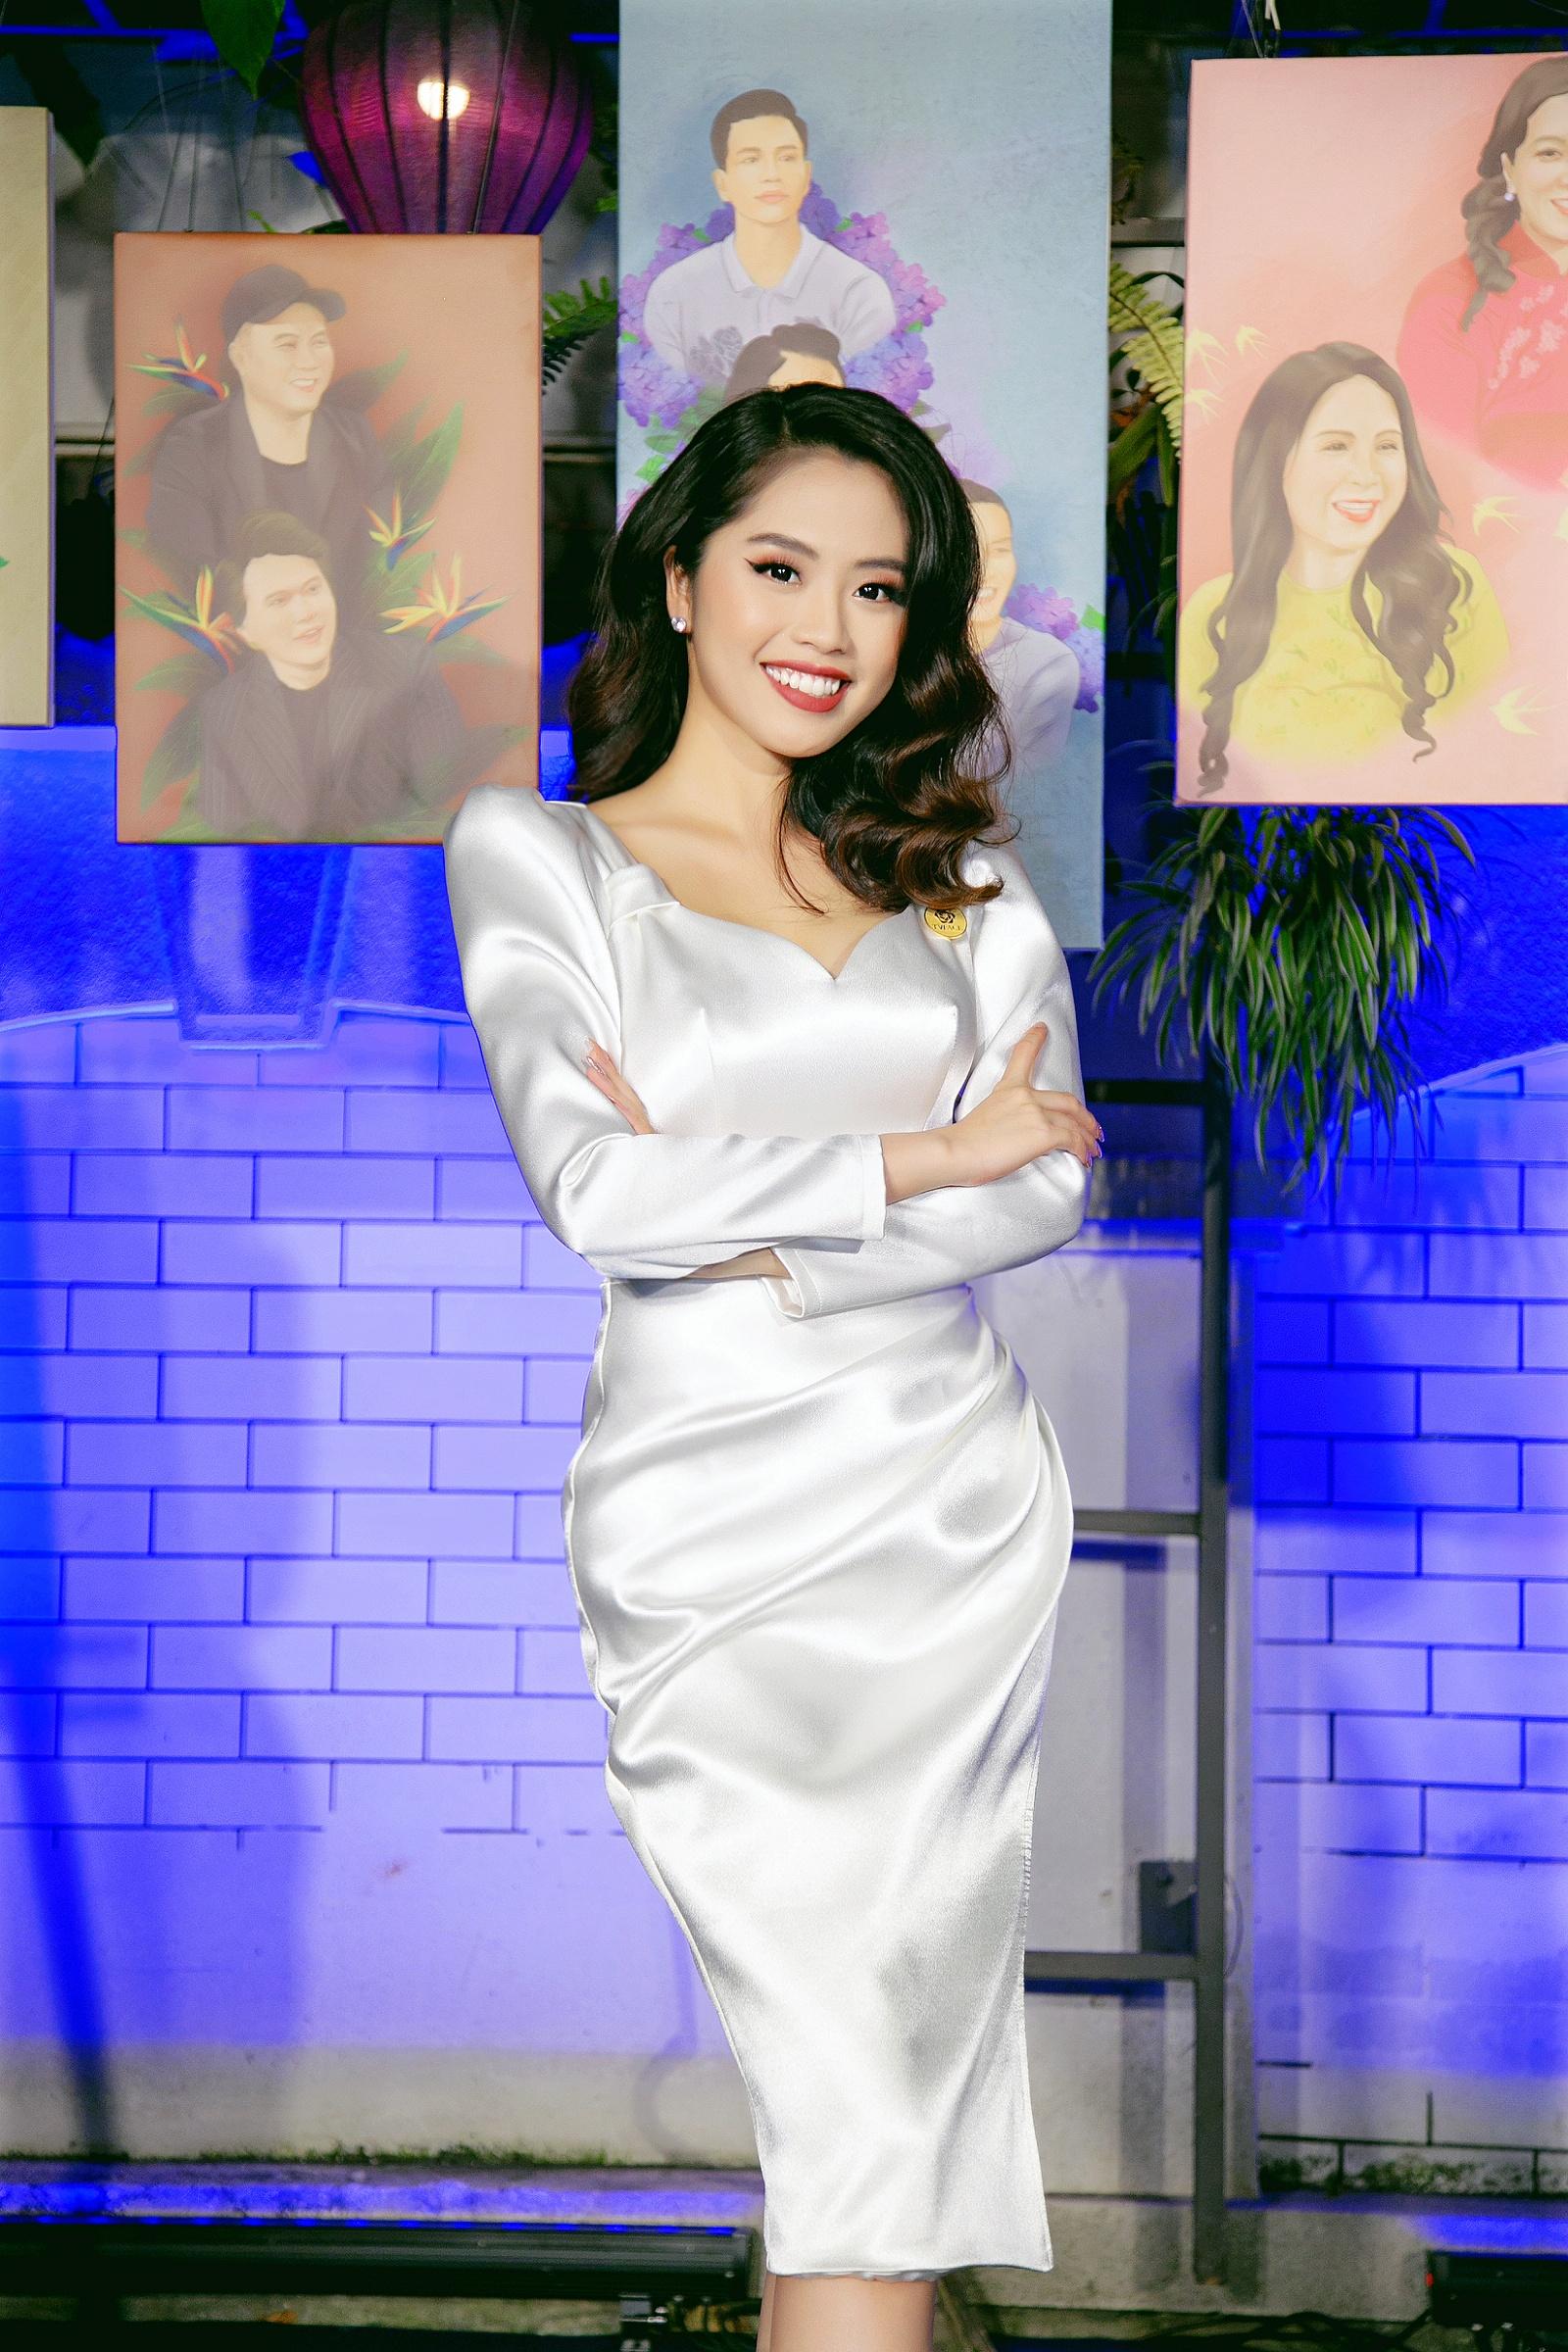 Nữ MC truyền hình 22 tuổi thi HHVN 2020: 'Các bạn đua theo xu hướng Kpop hay Âu Mỹ, mình chỉ chuộng style đơn giản chuẩn chỉnh tác phong nhà đài' 15